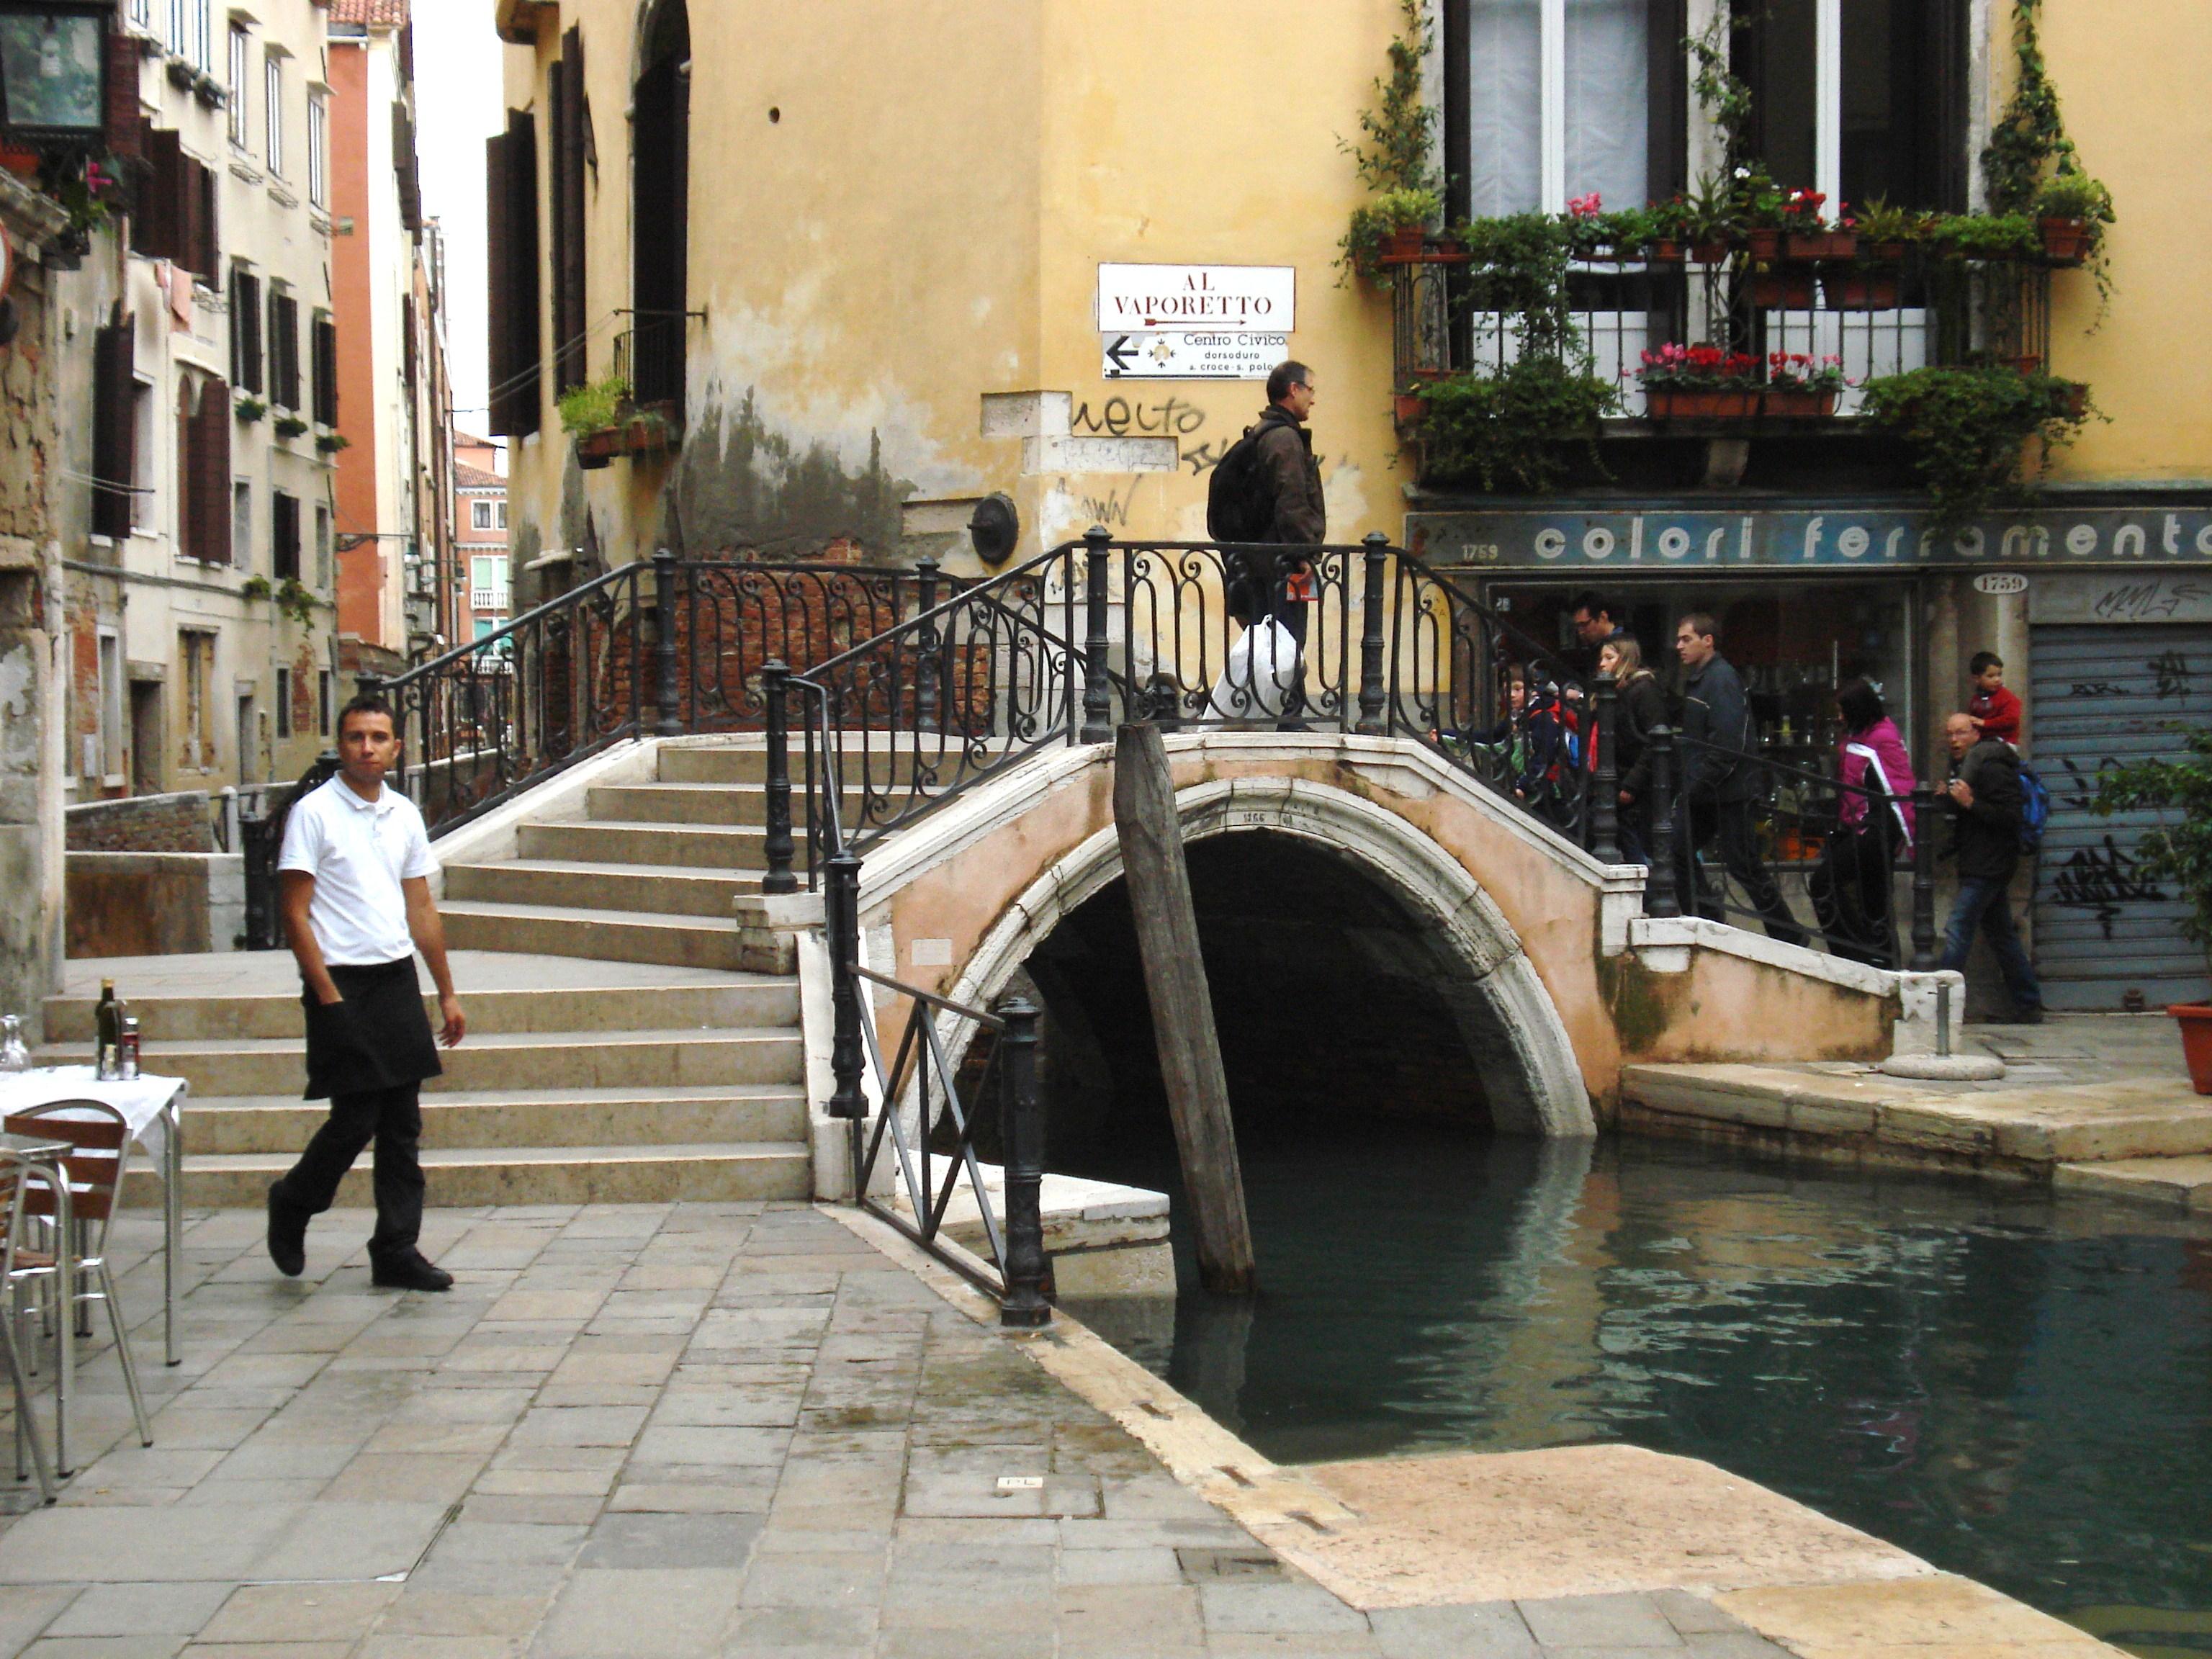 Венецэд гадаа тамхи татахыг хориглож магадгүй